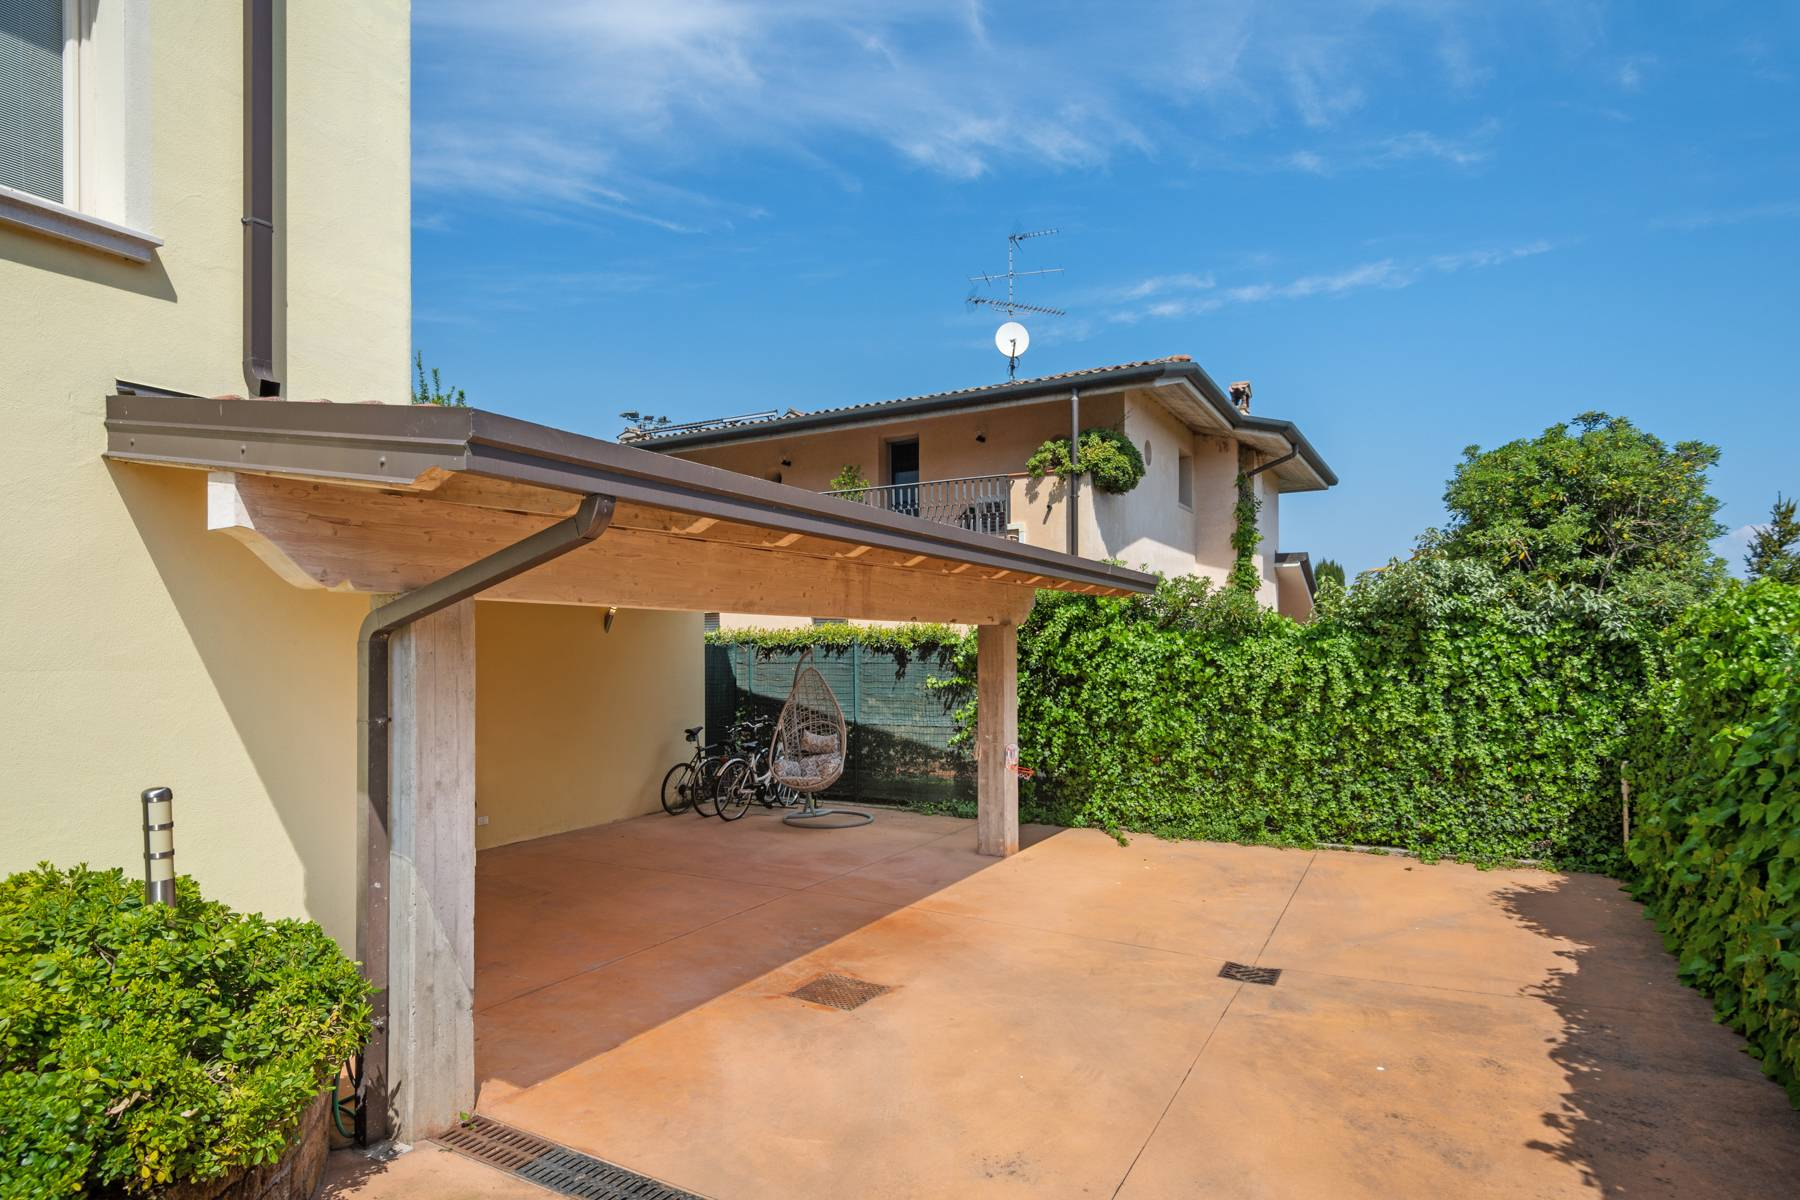 Attico in Vendita a Desenzano Del Garda: 5 locali, 100 mq - Foto 18